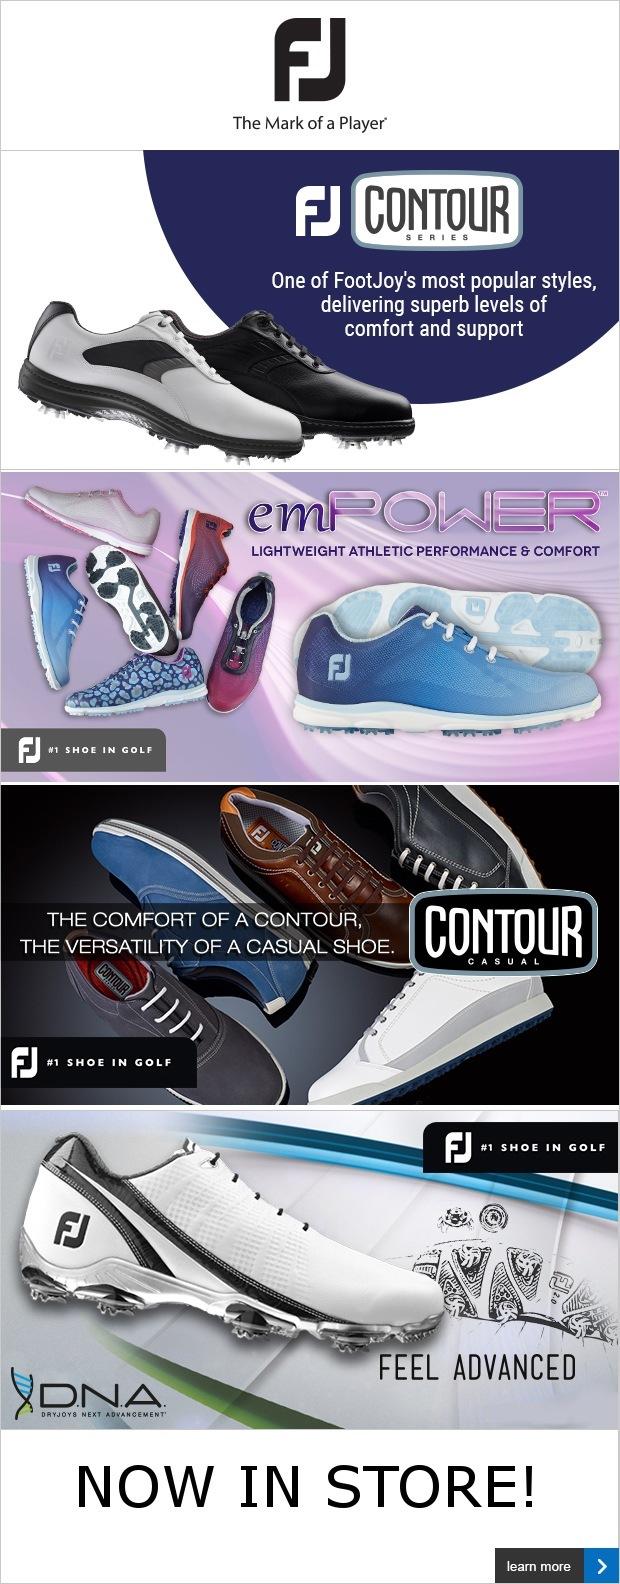 FootJoy shoe range in store now!